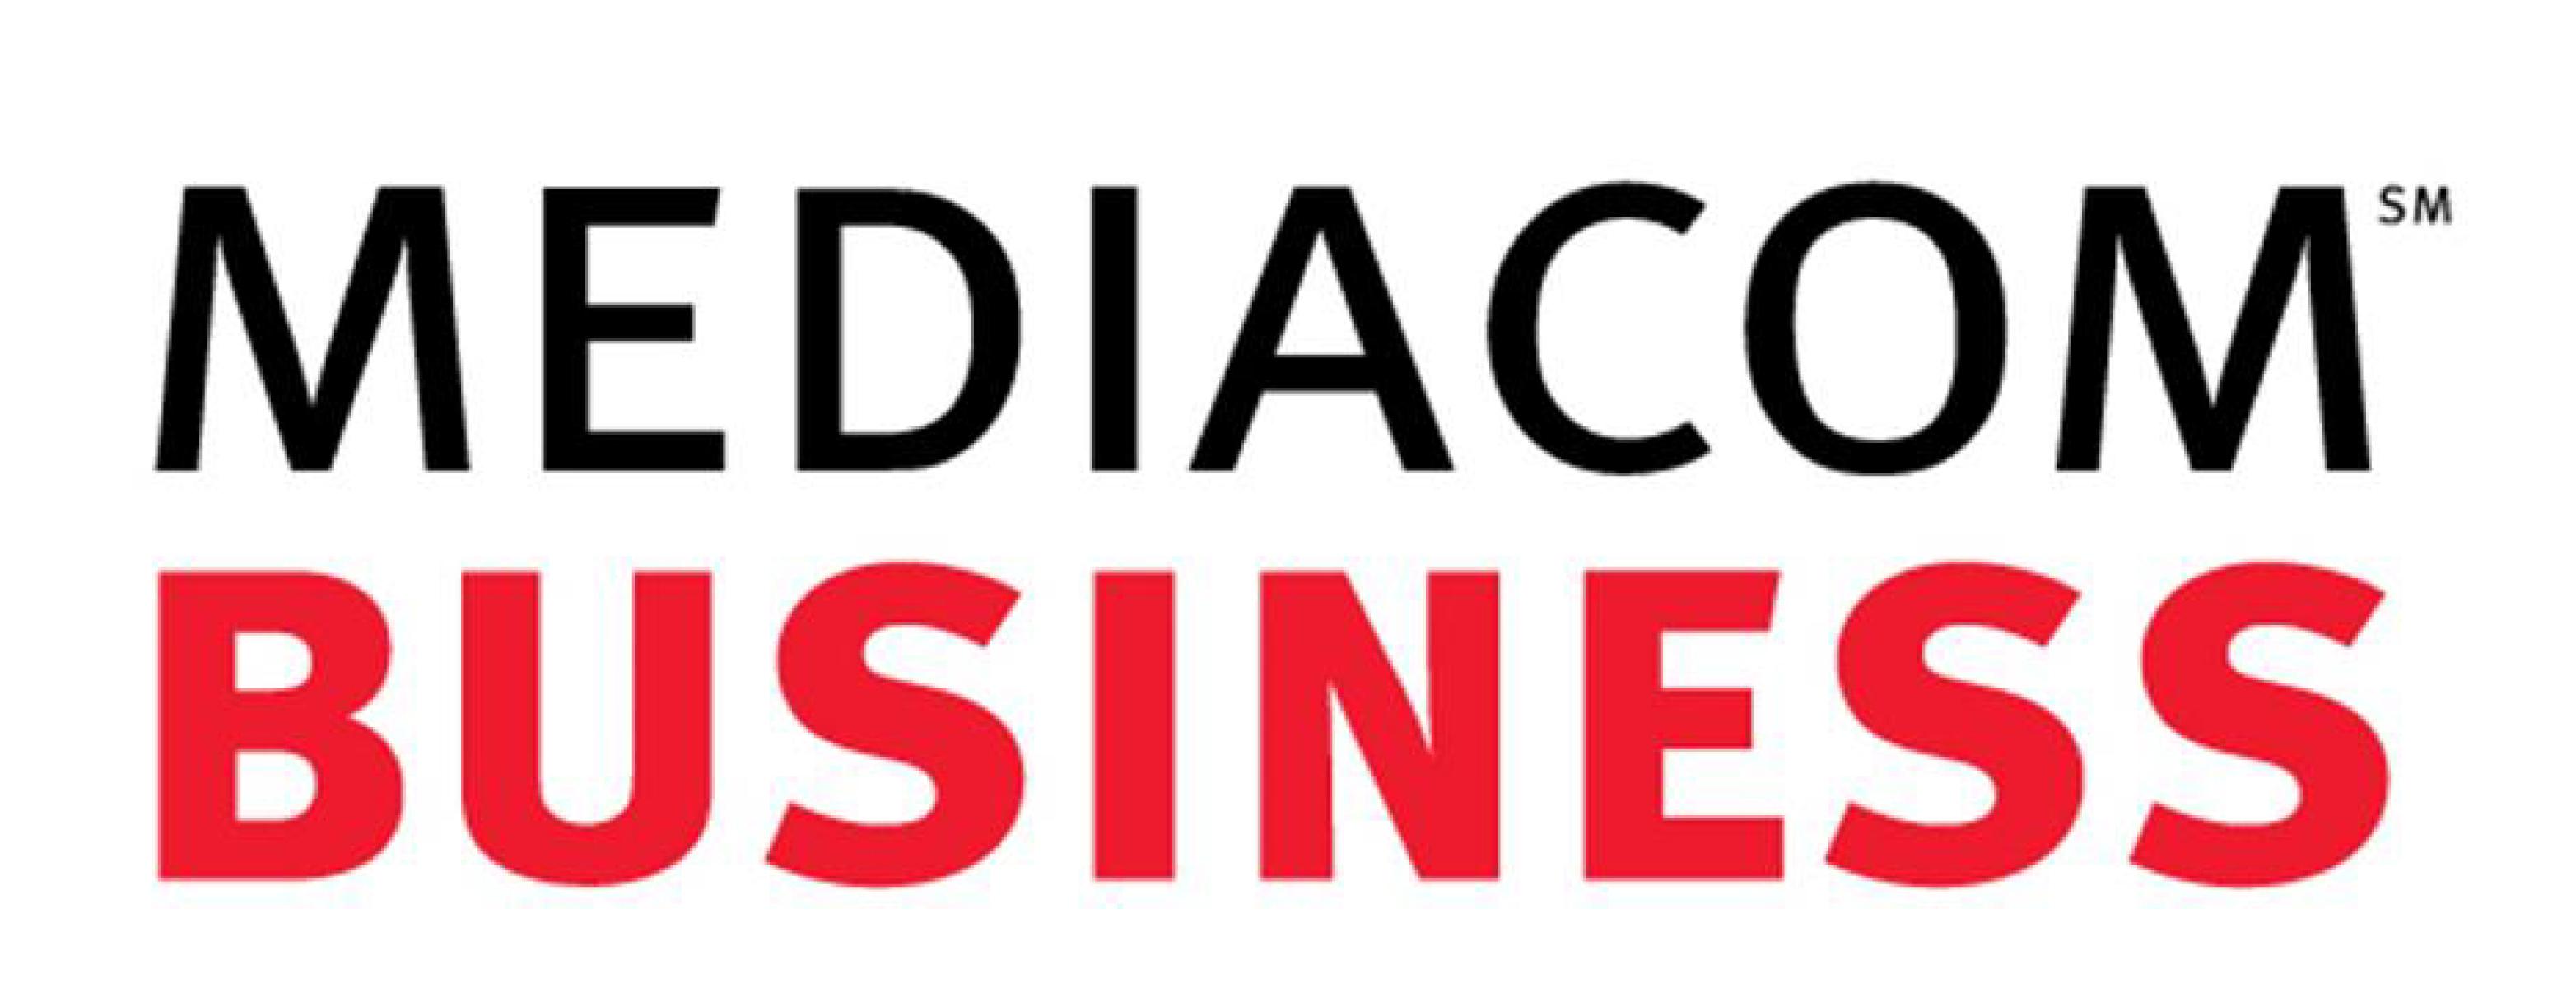 mediacom_business_cmyk-01